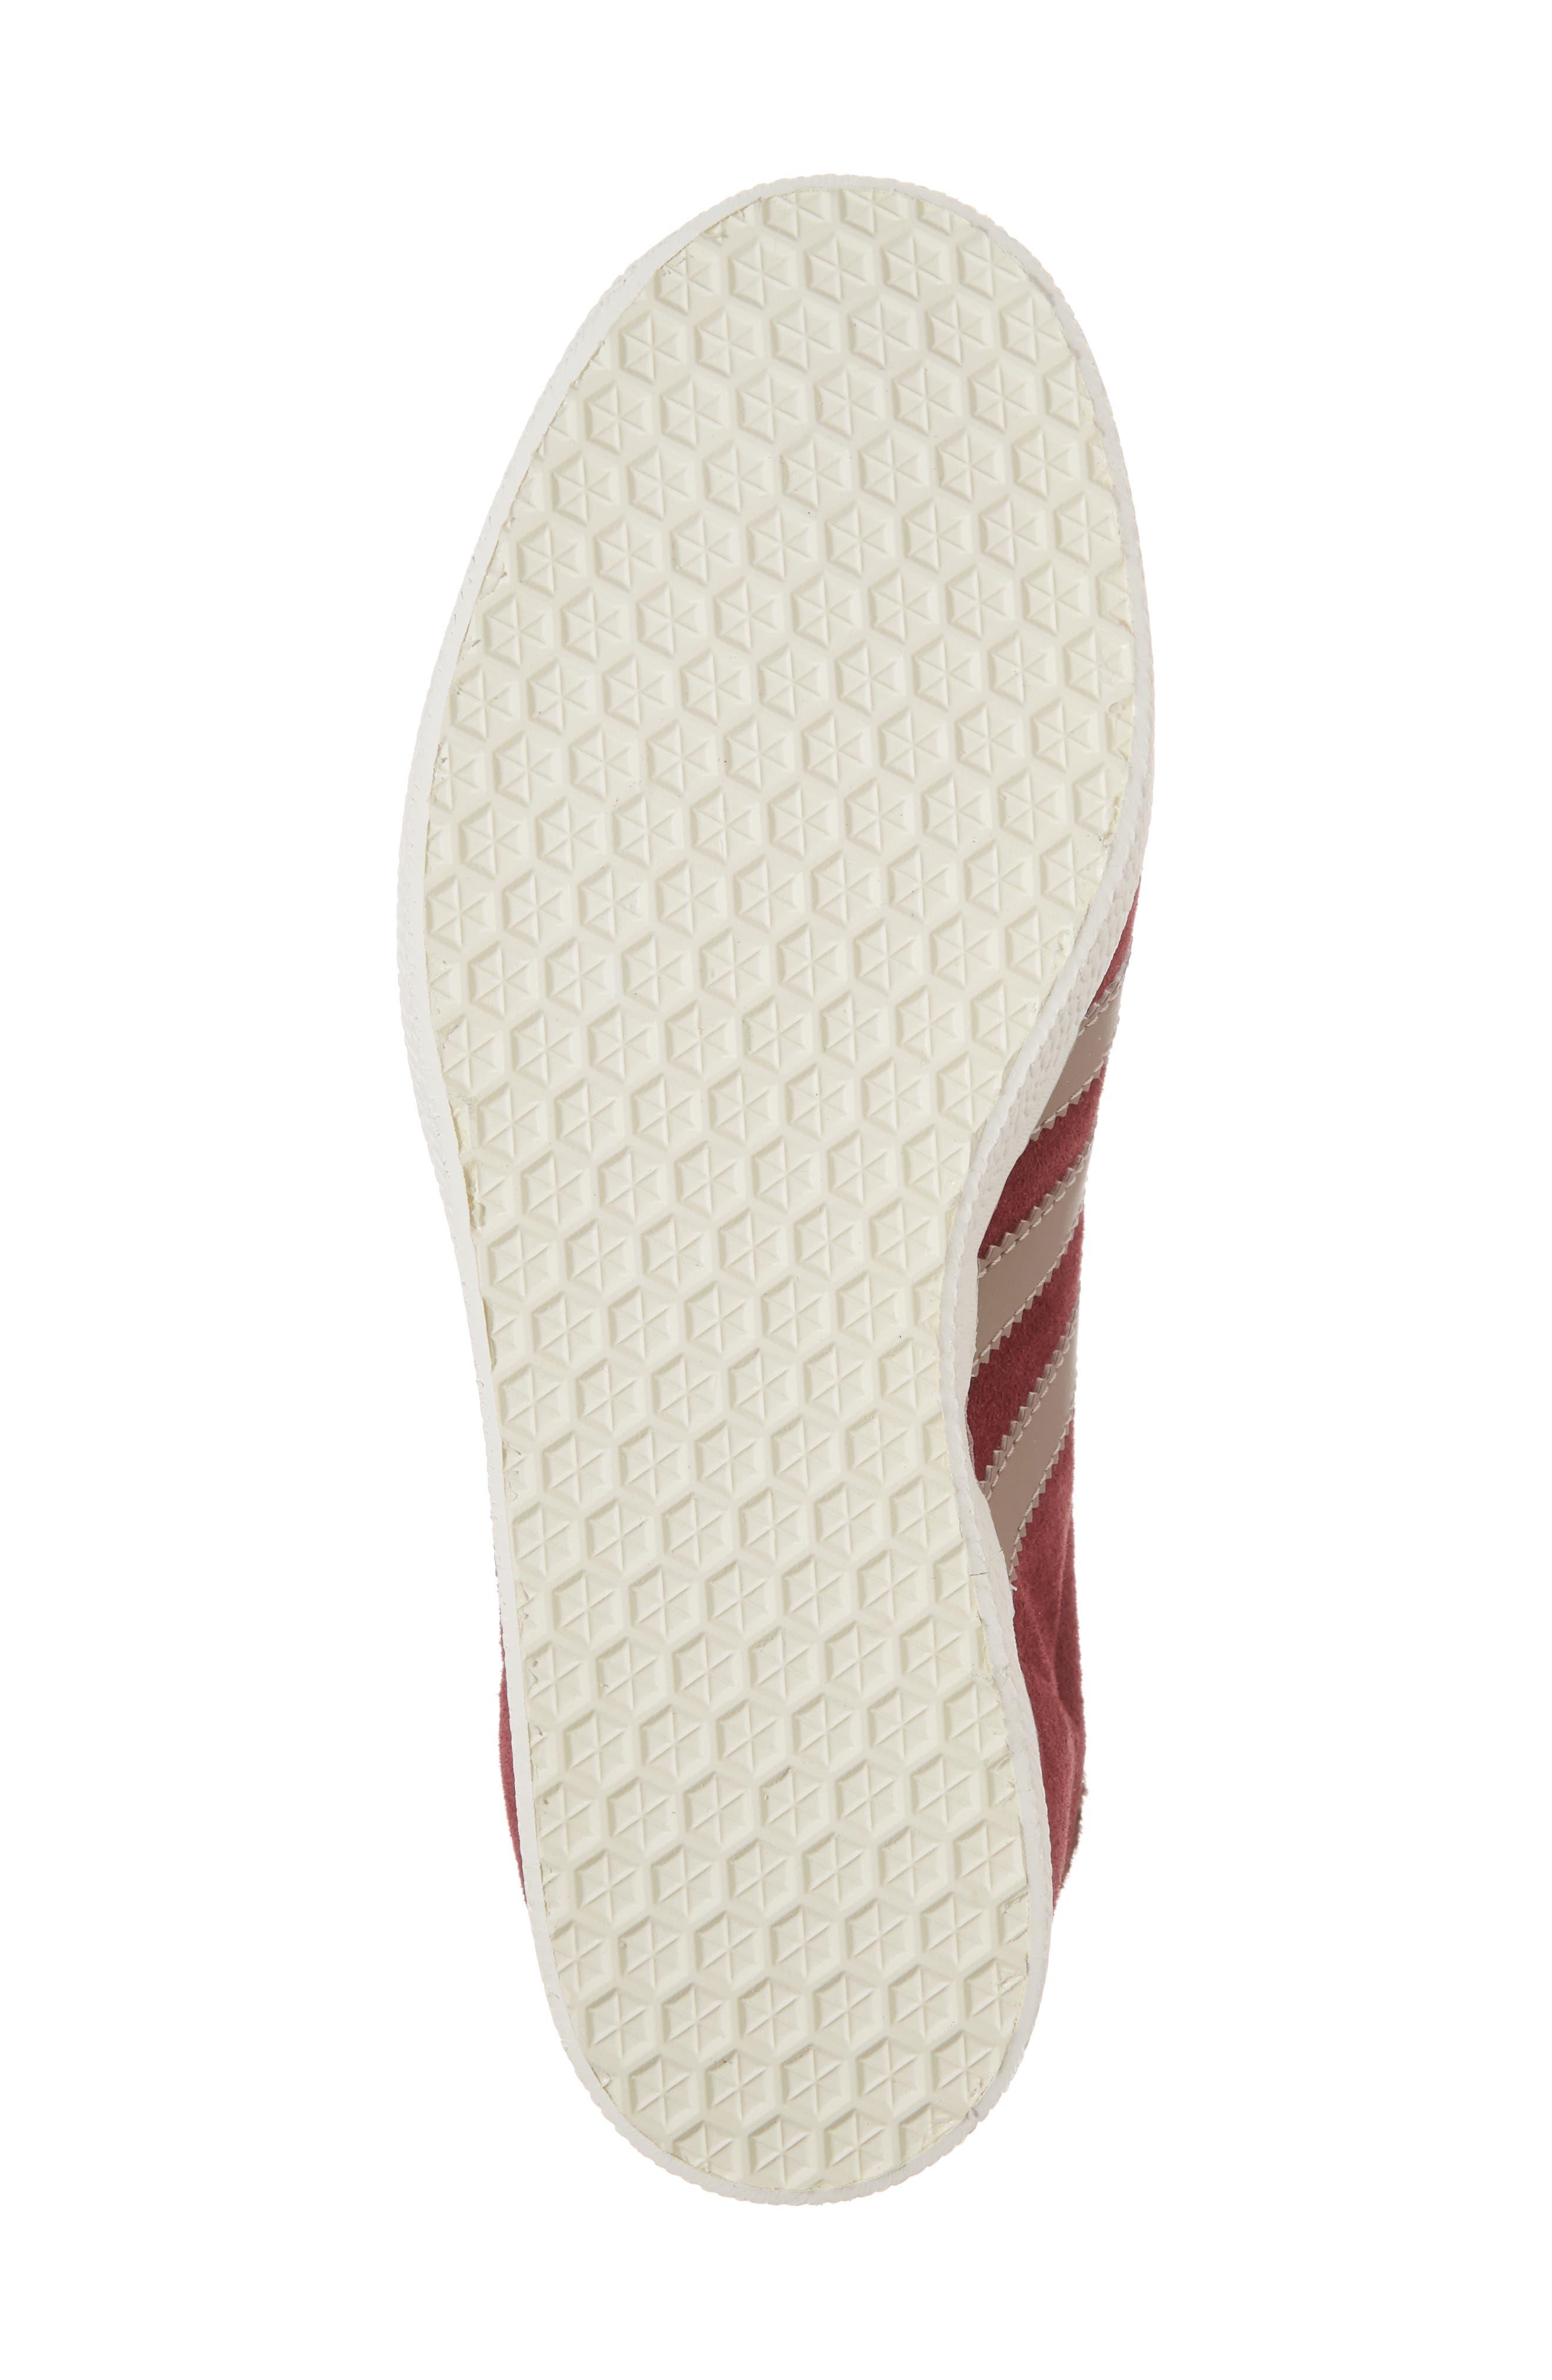 Gazelle Sneaker,                             Alternate thumbnail 6, color,                             Burgundy/ Vapour Grey/ White